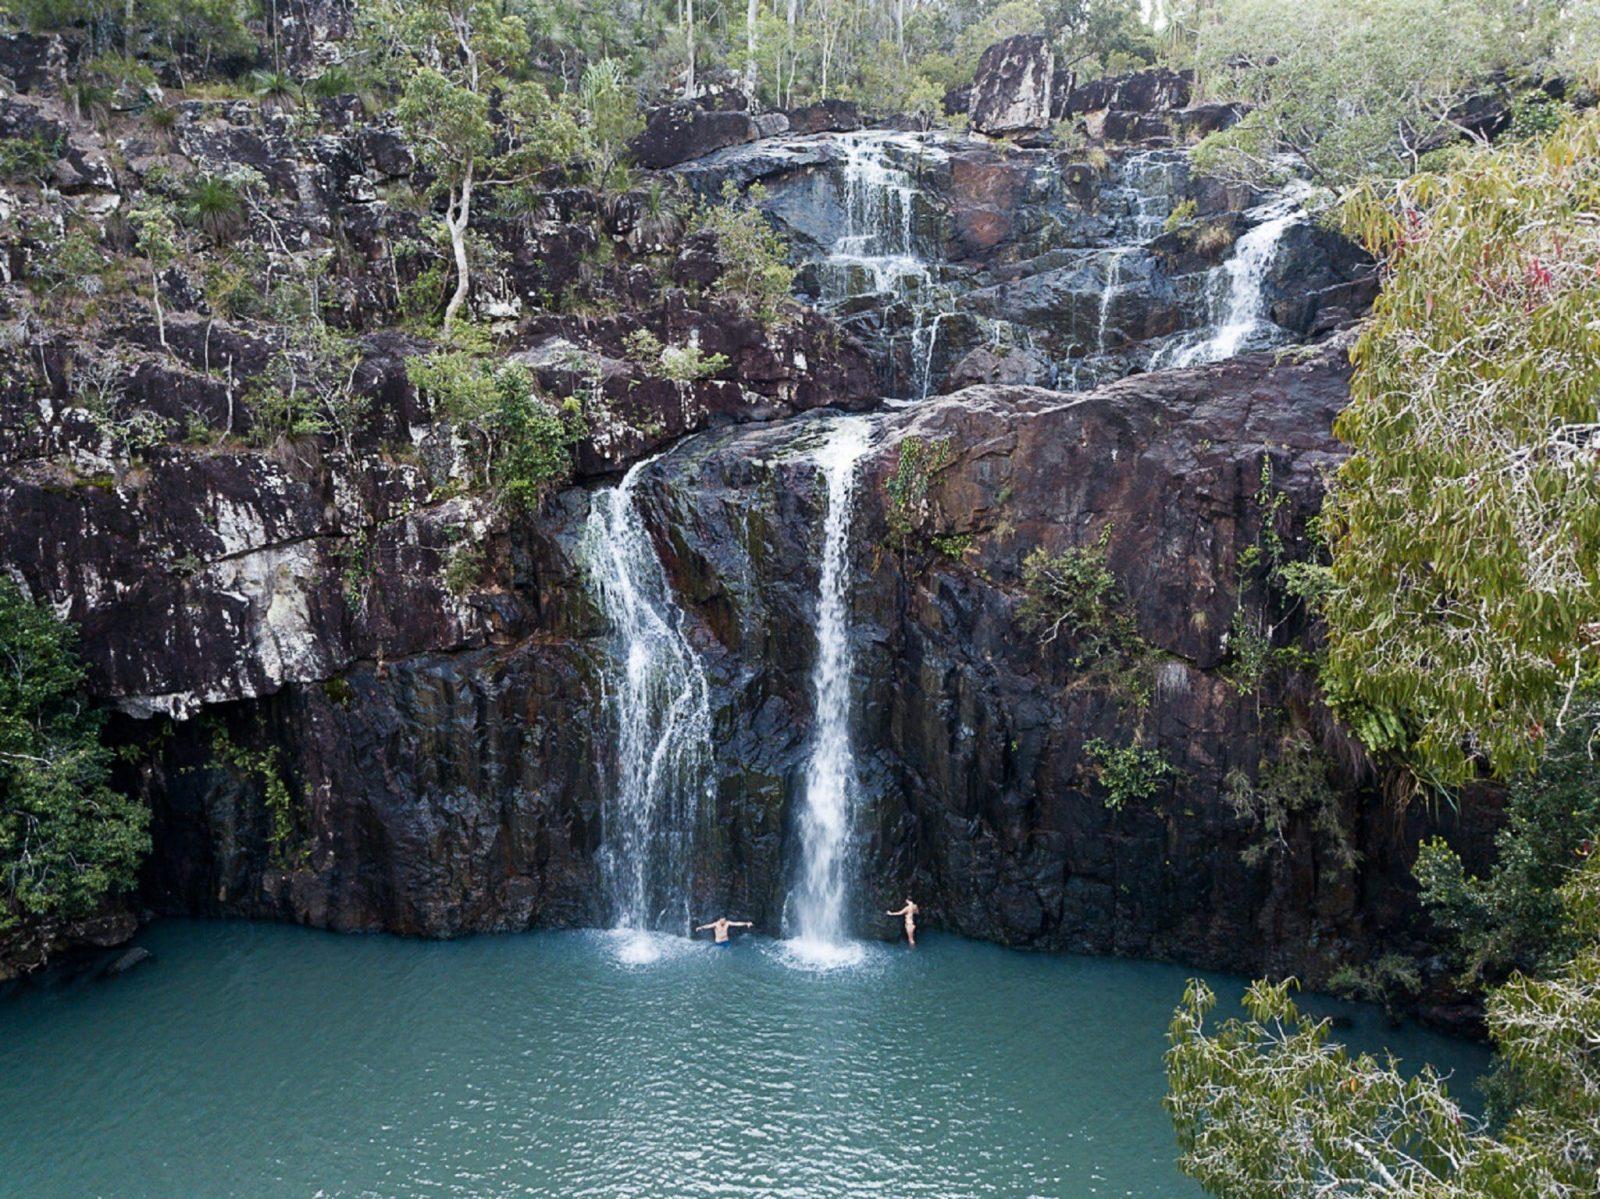 Swim beneath refreshing waterfalls